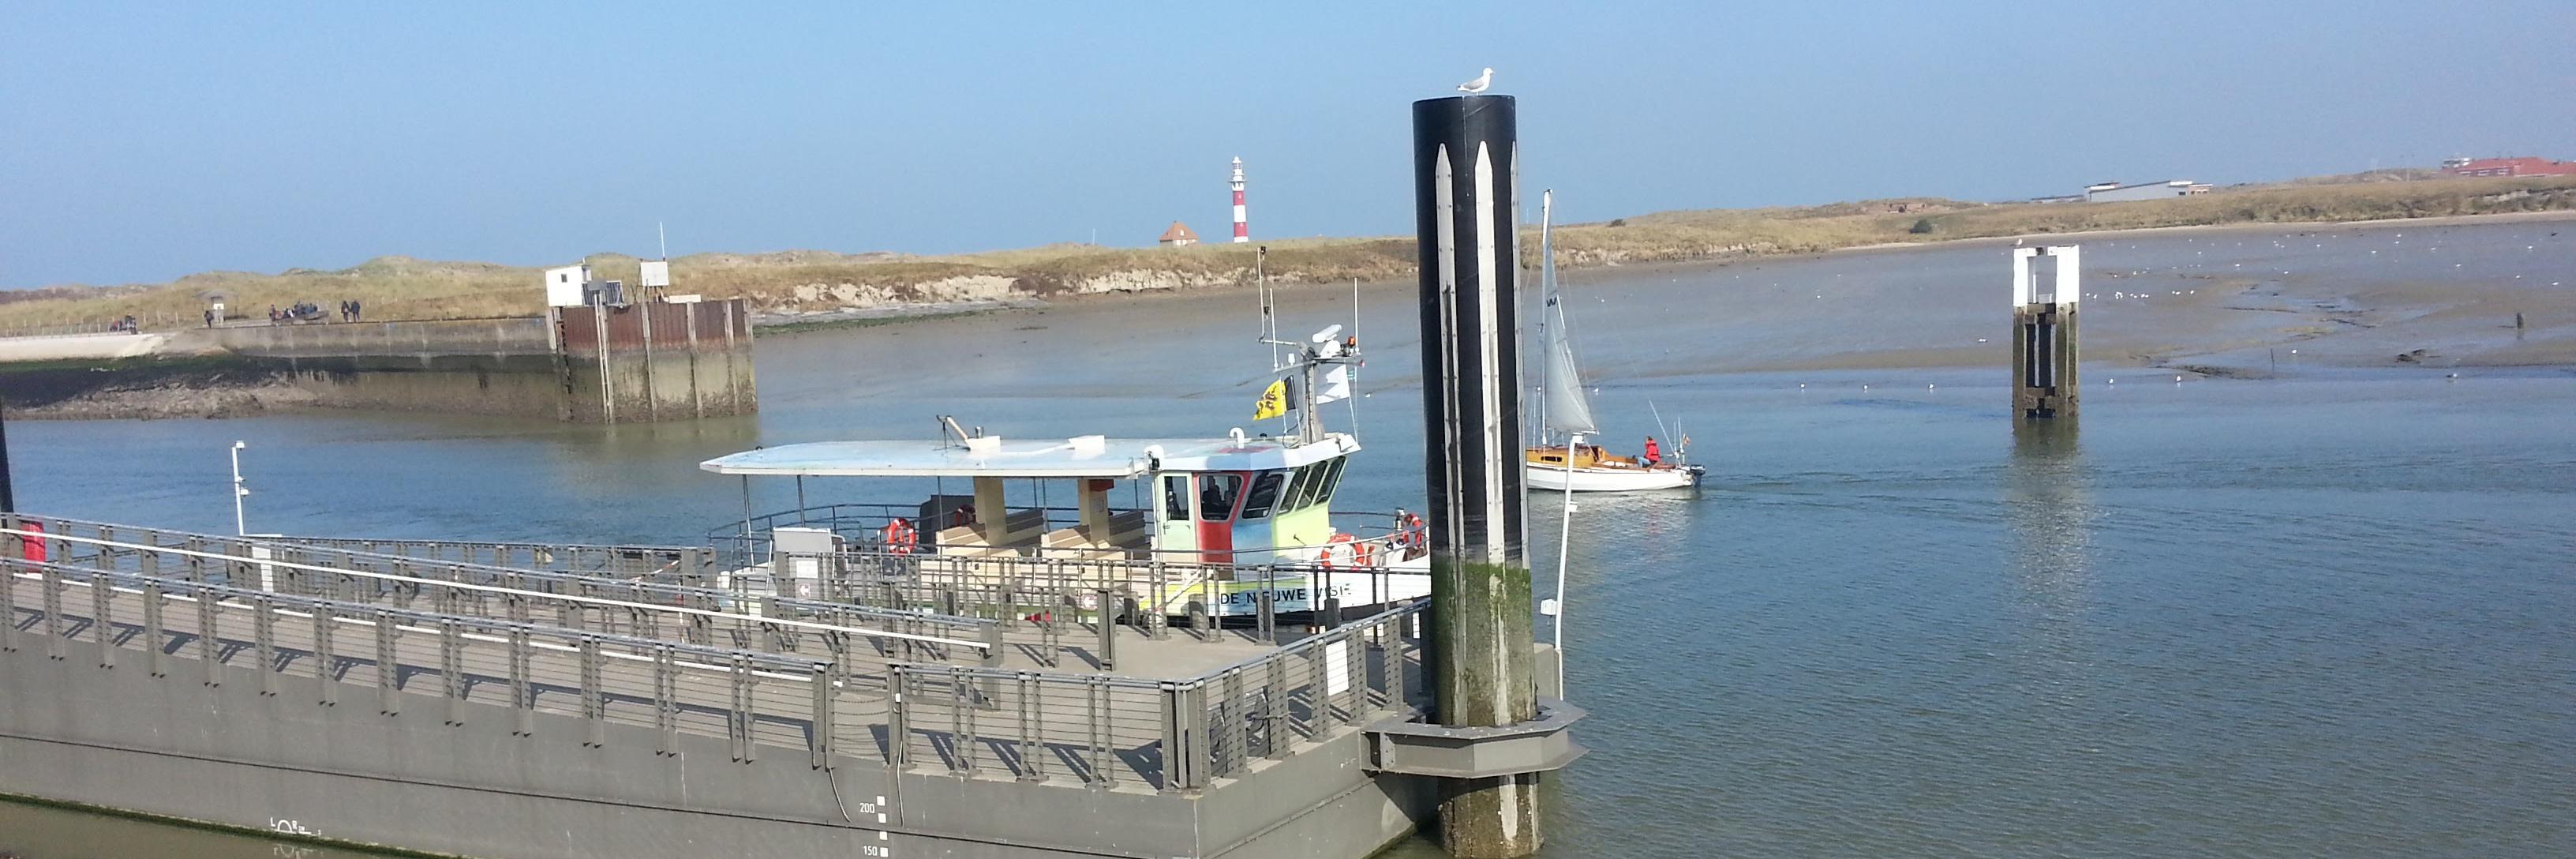 020-le-ferry-de-nieuport